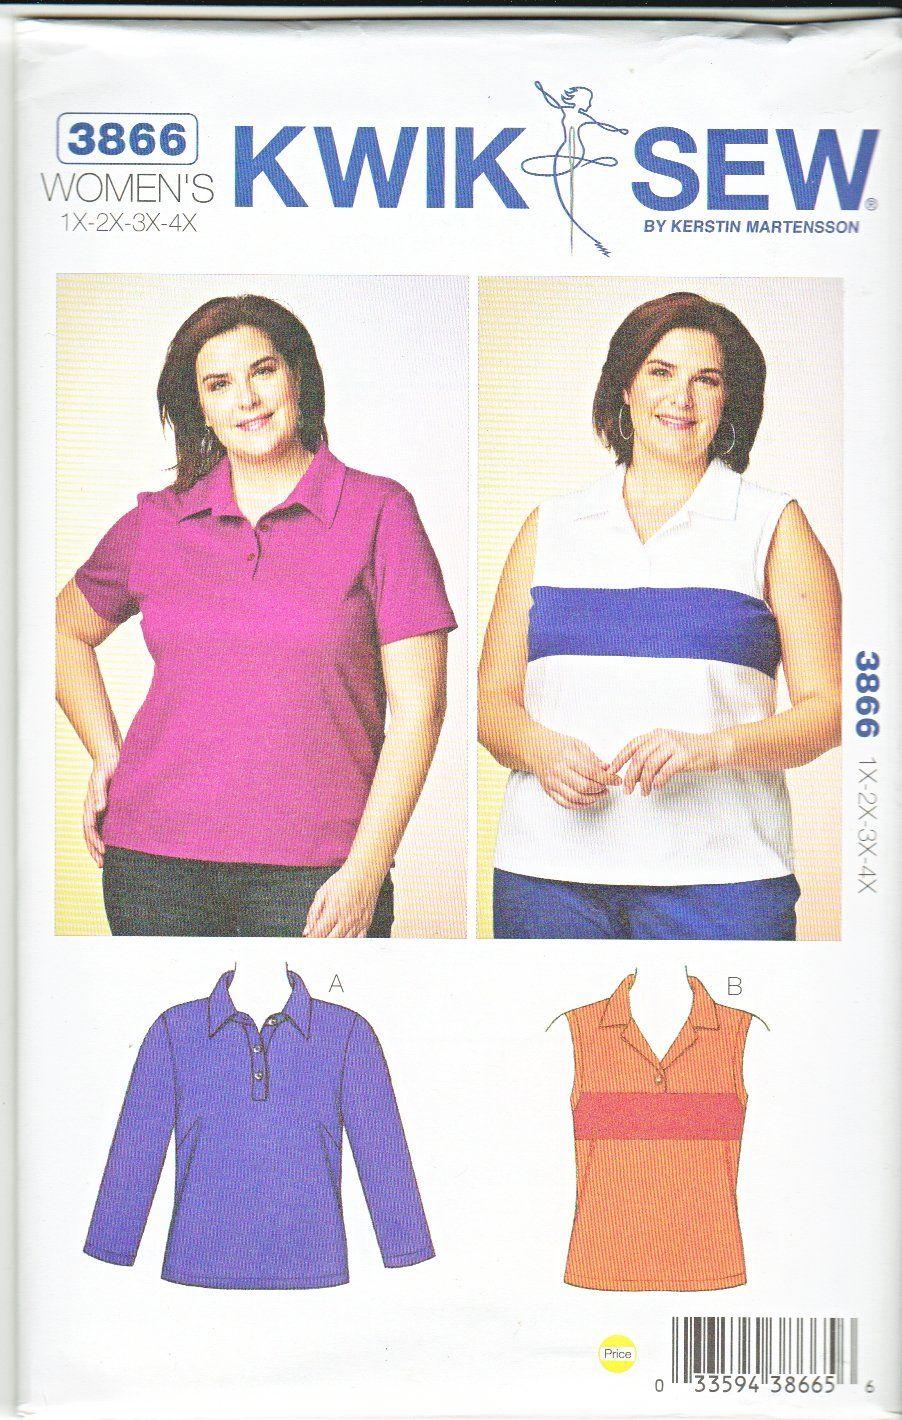 Kwik sew sewing pattern 3866 k3866 womens plus size 1x 4x 22w kwik sew sewing pattern 3866 womens plus size 1x 4x 22w 32w jeuxipadfo Choice Image